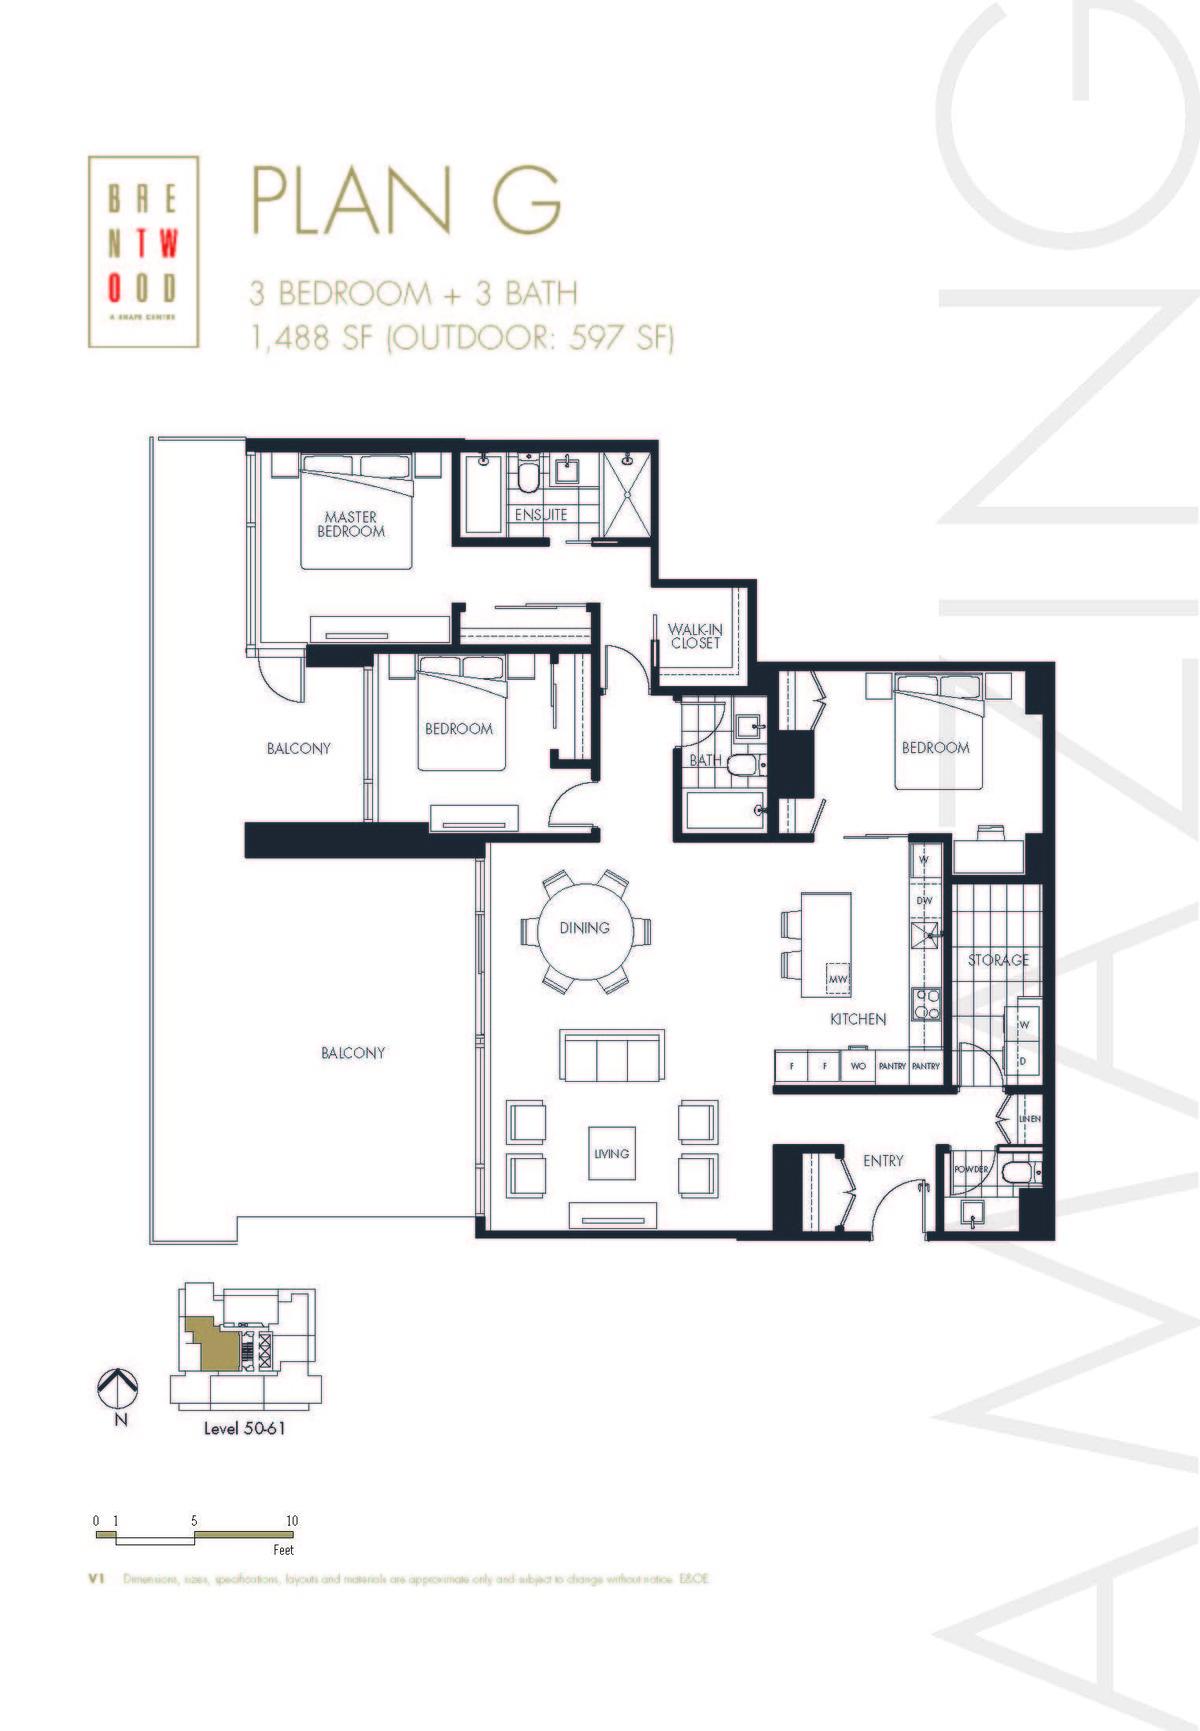 Brentwood_Tower2_Floor Plan_Page_20.jpg